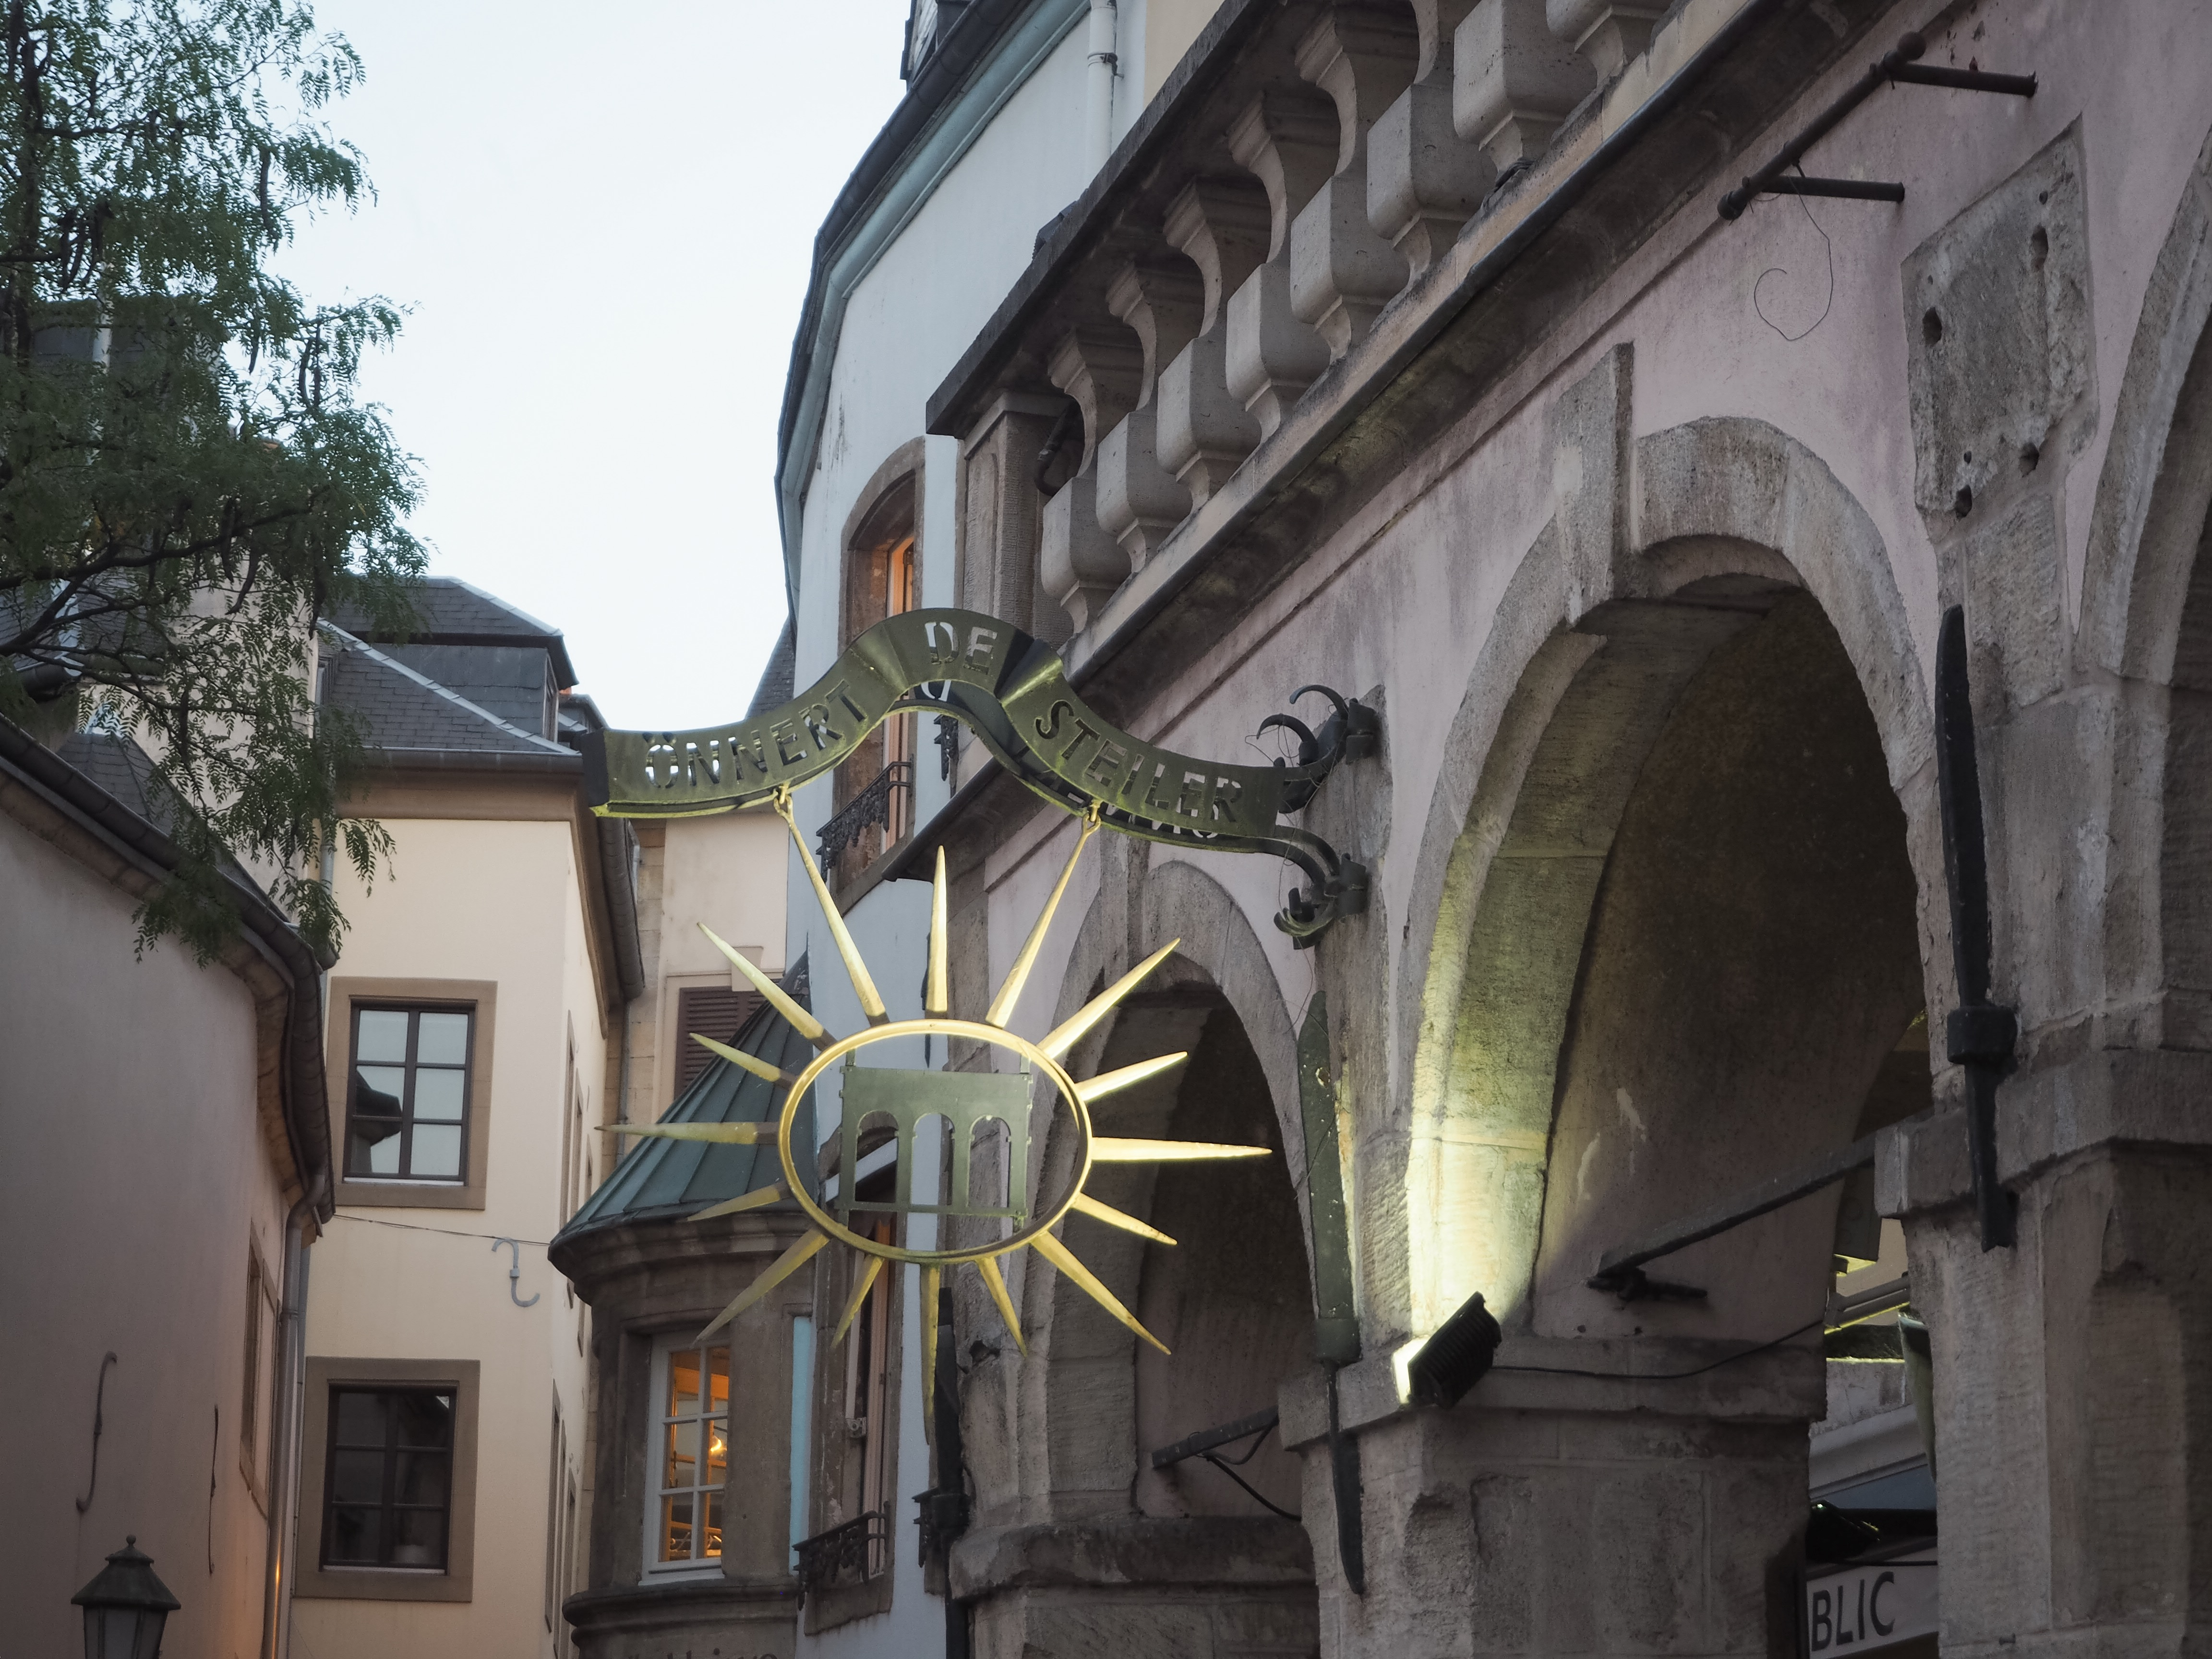 Schild in der Innenstadt von Luxemburg.